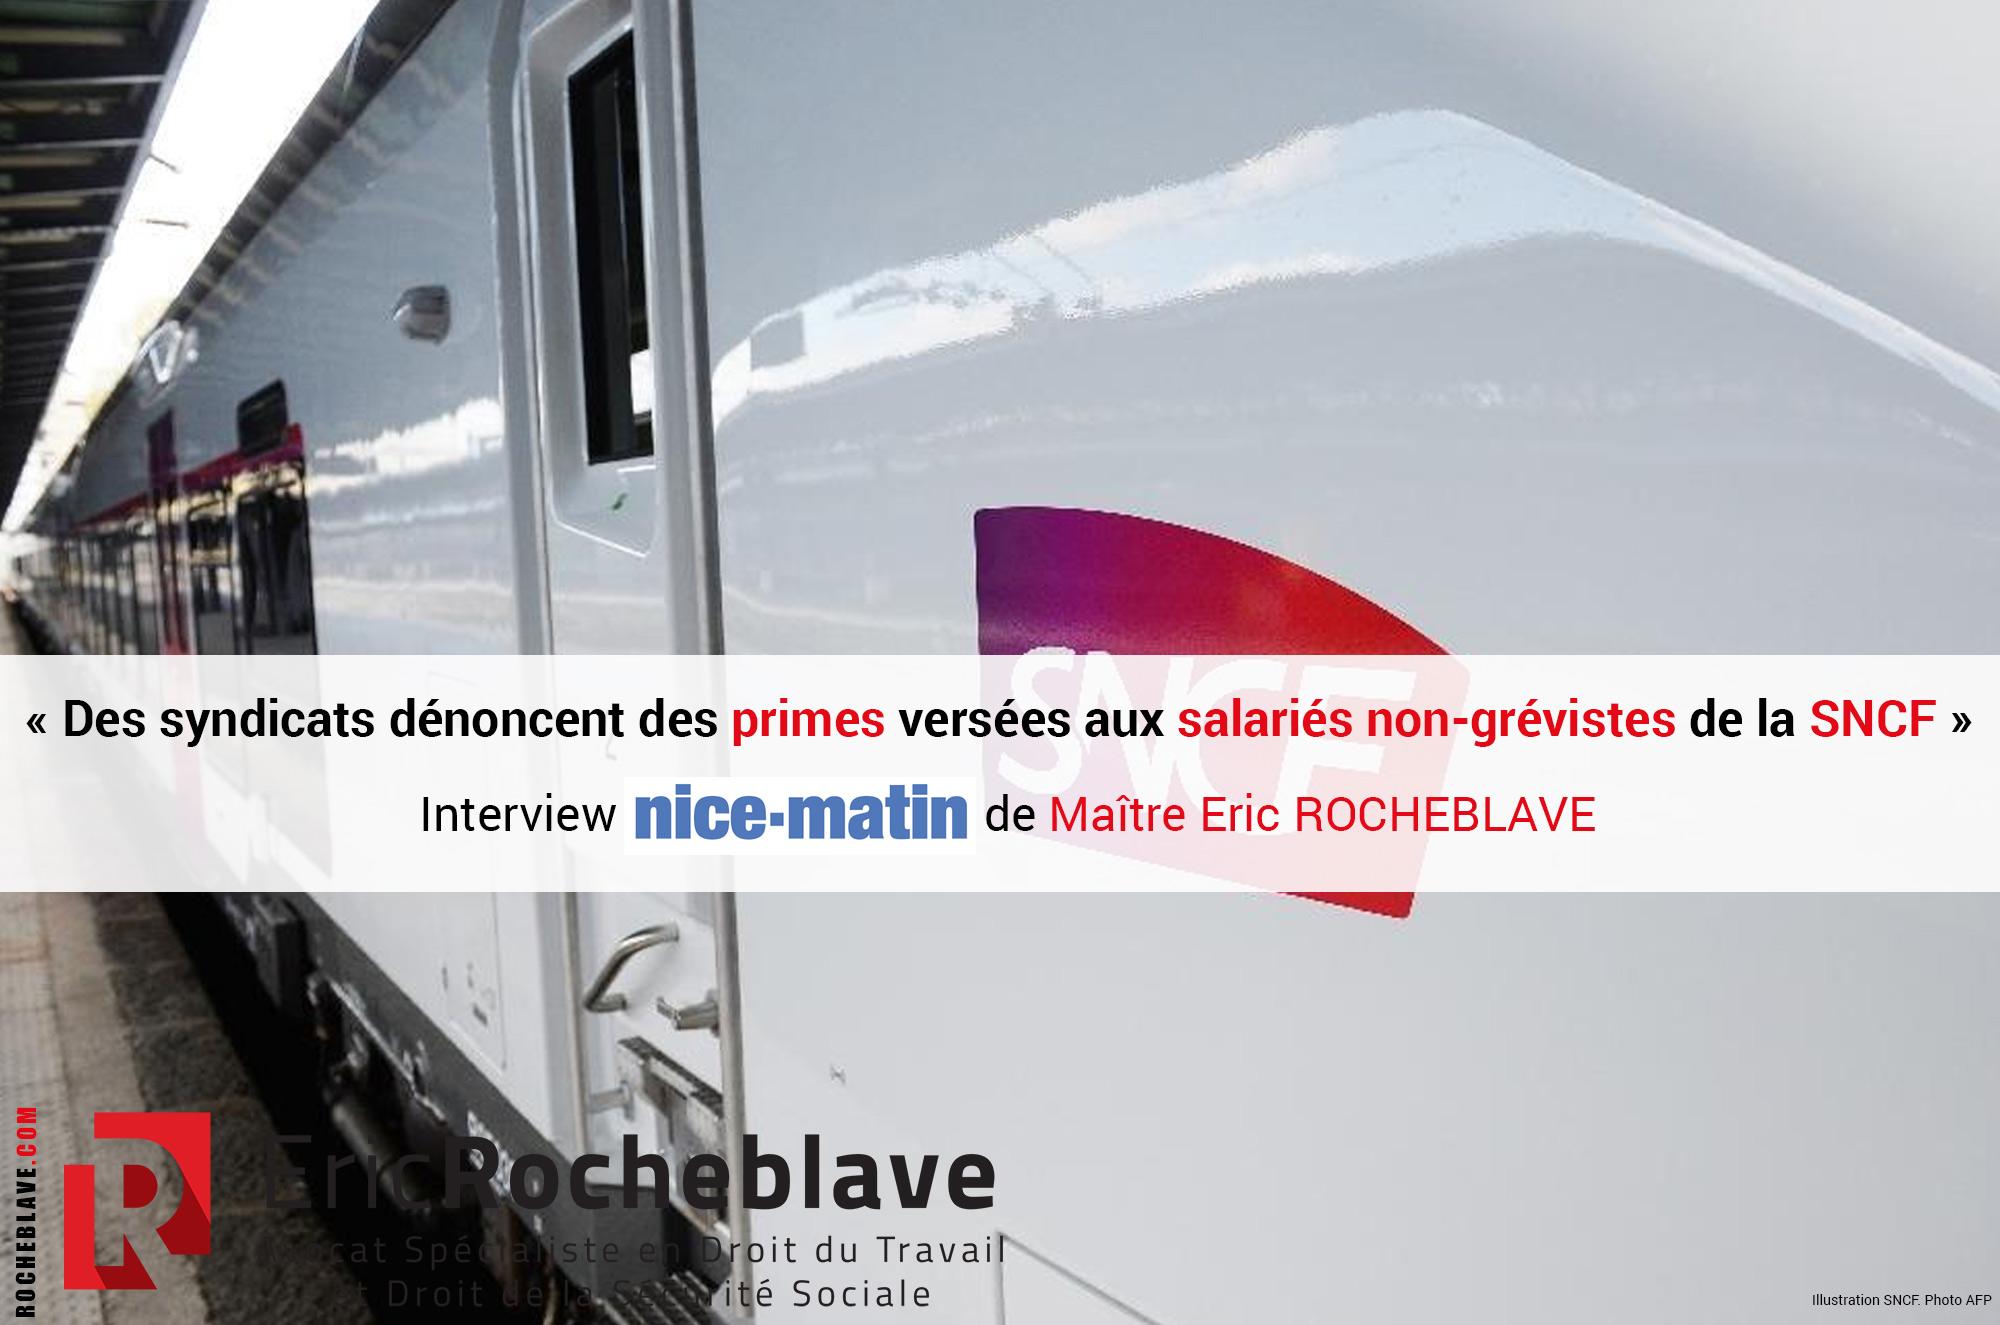 « Des syndicats dénoncent des primes versées aux salariés non-grévistes de la SNCF » Interview nice-matin de Maître Eric ROCHEBLAVE